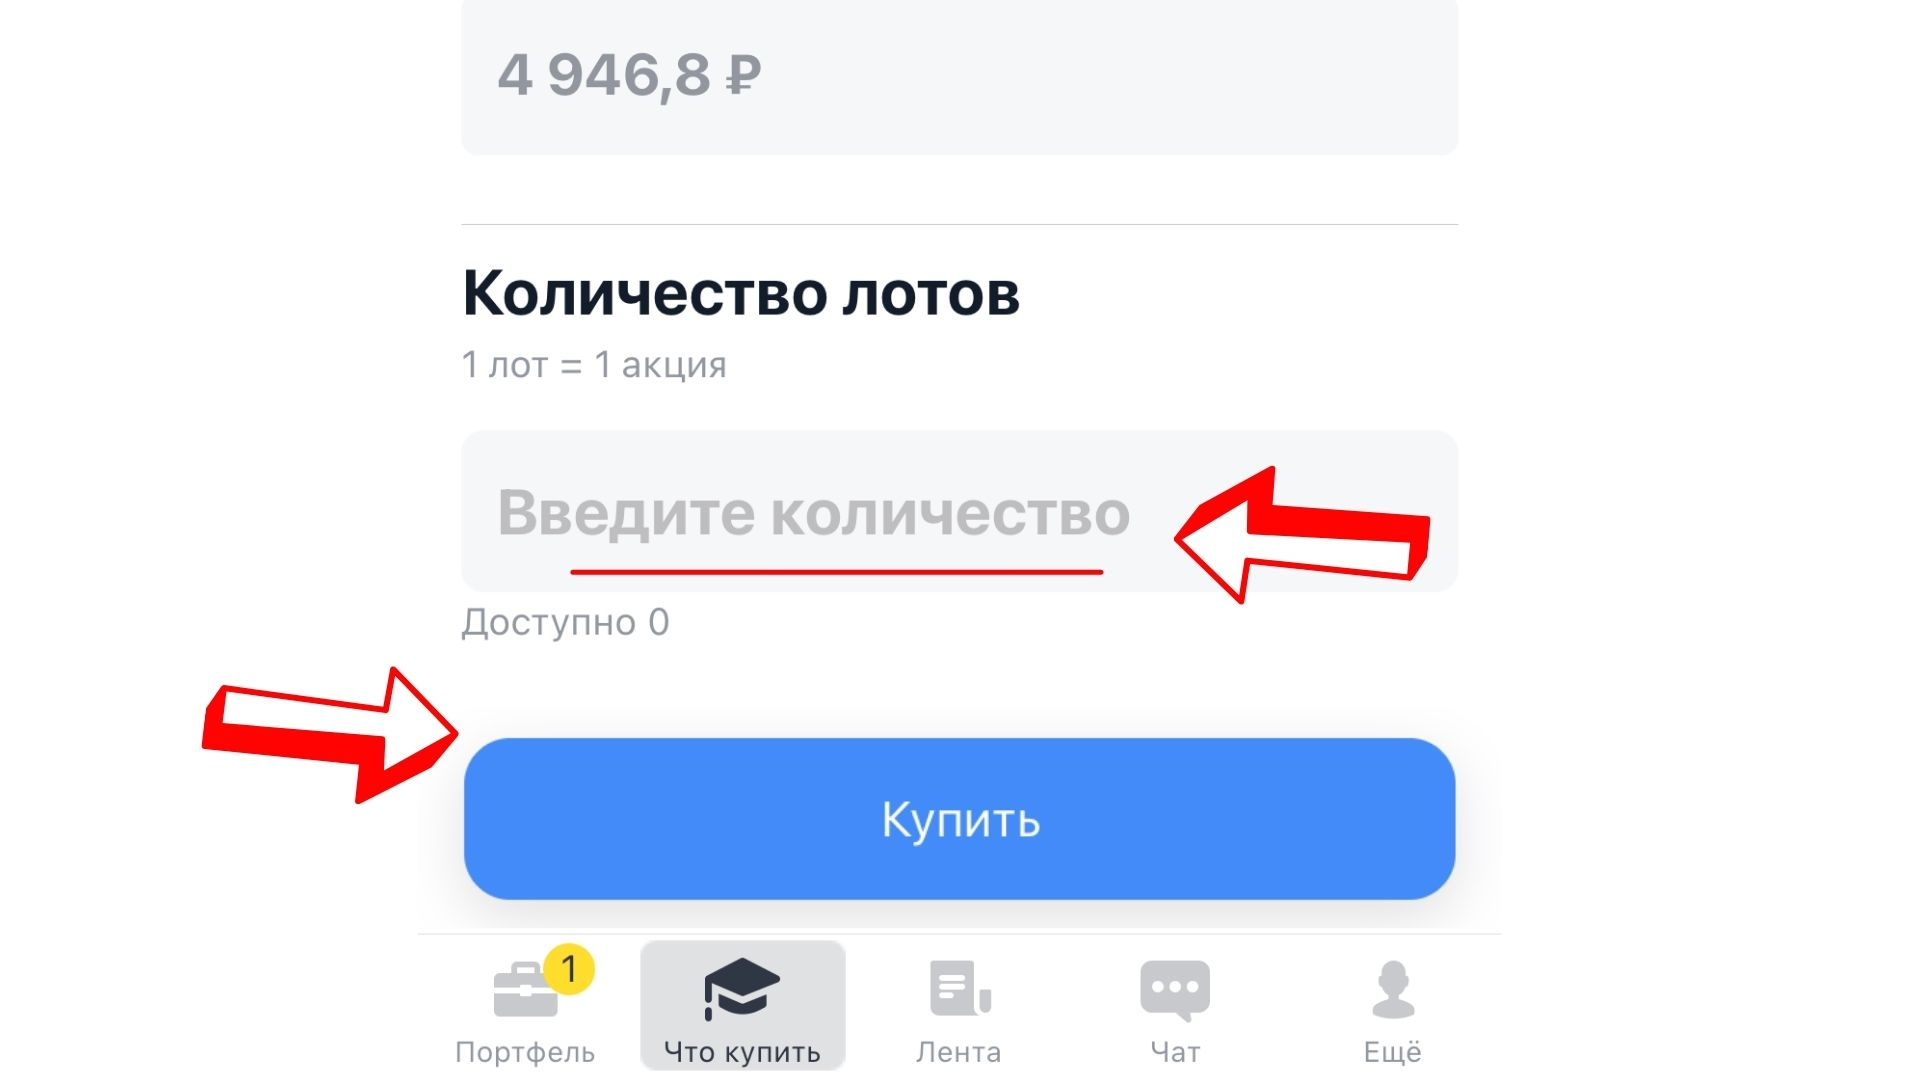 Как купить акции Яндекса физическому лицу. Инструкция пример